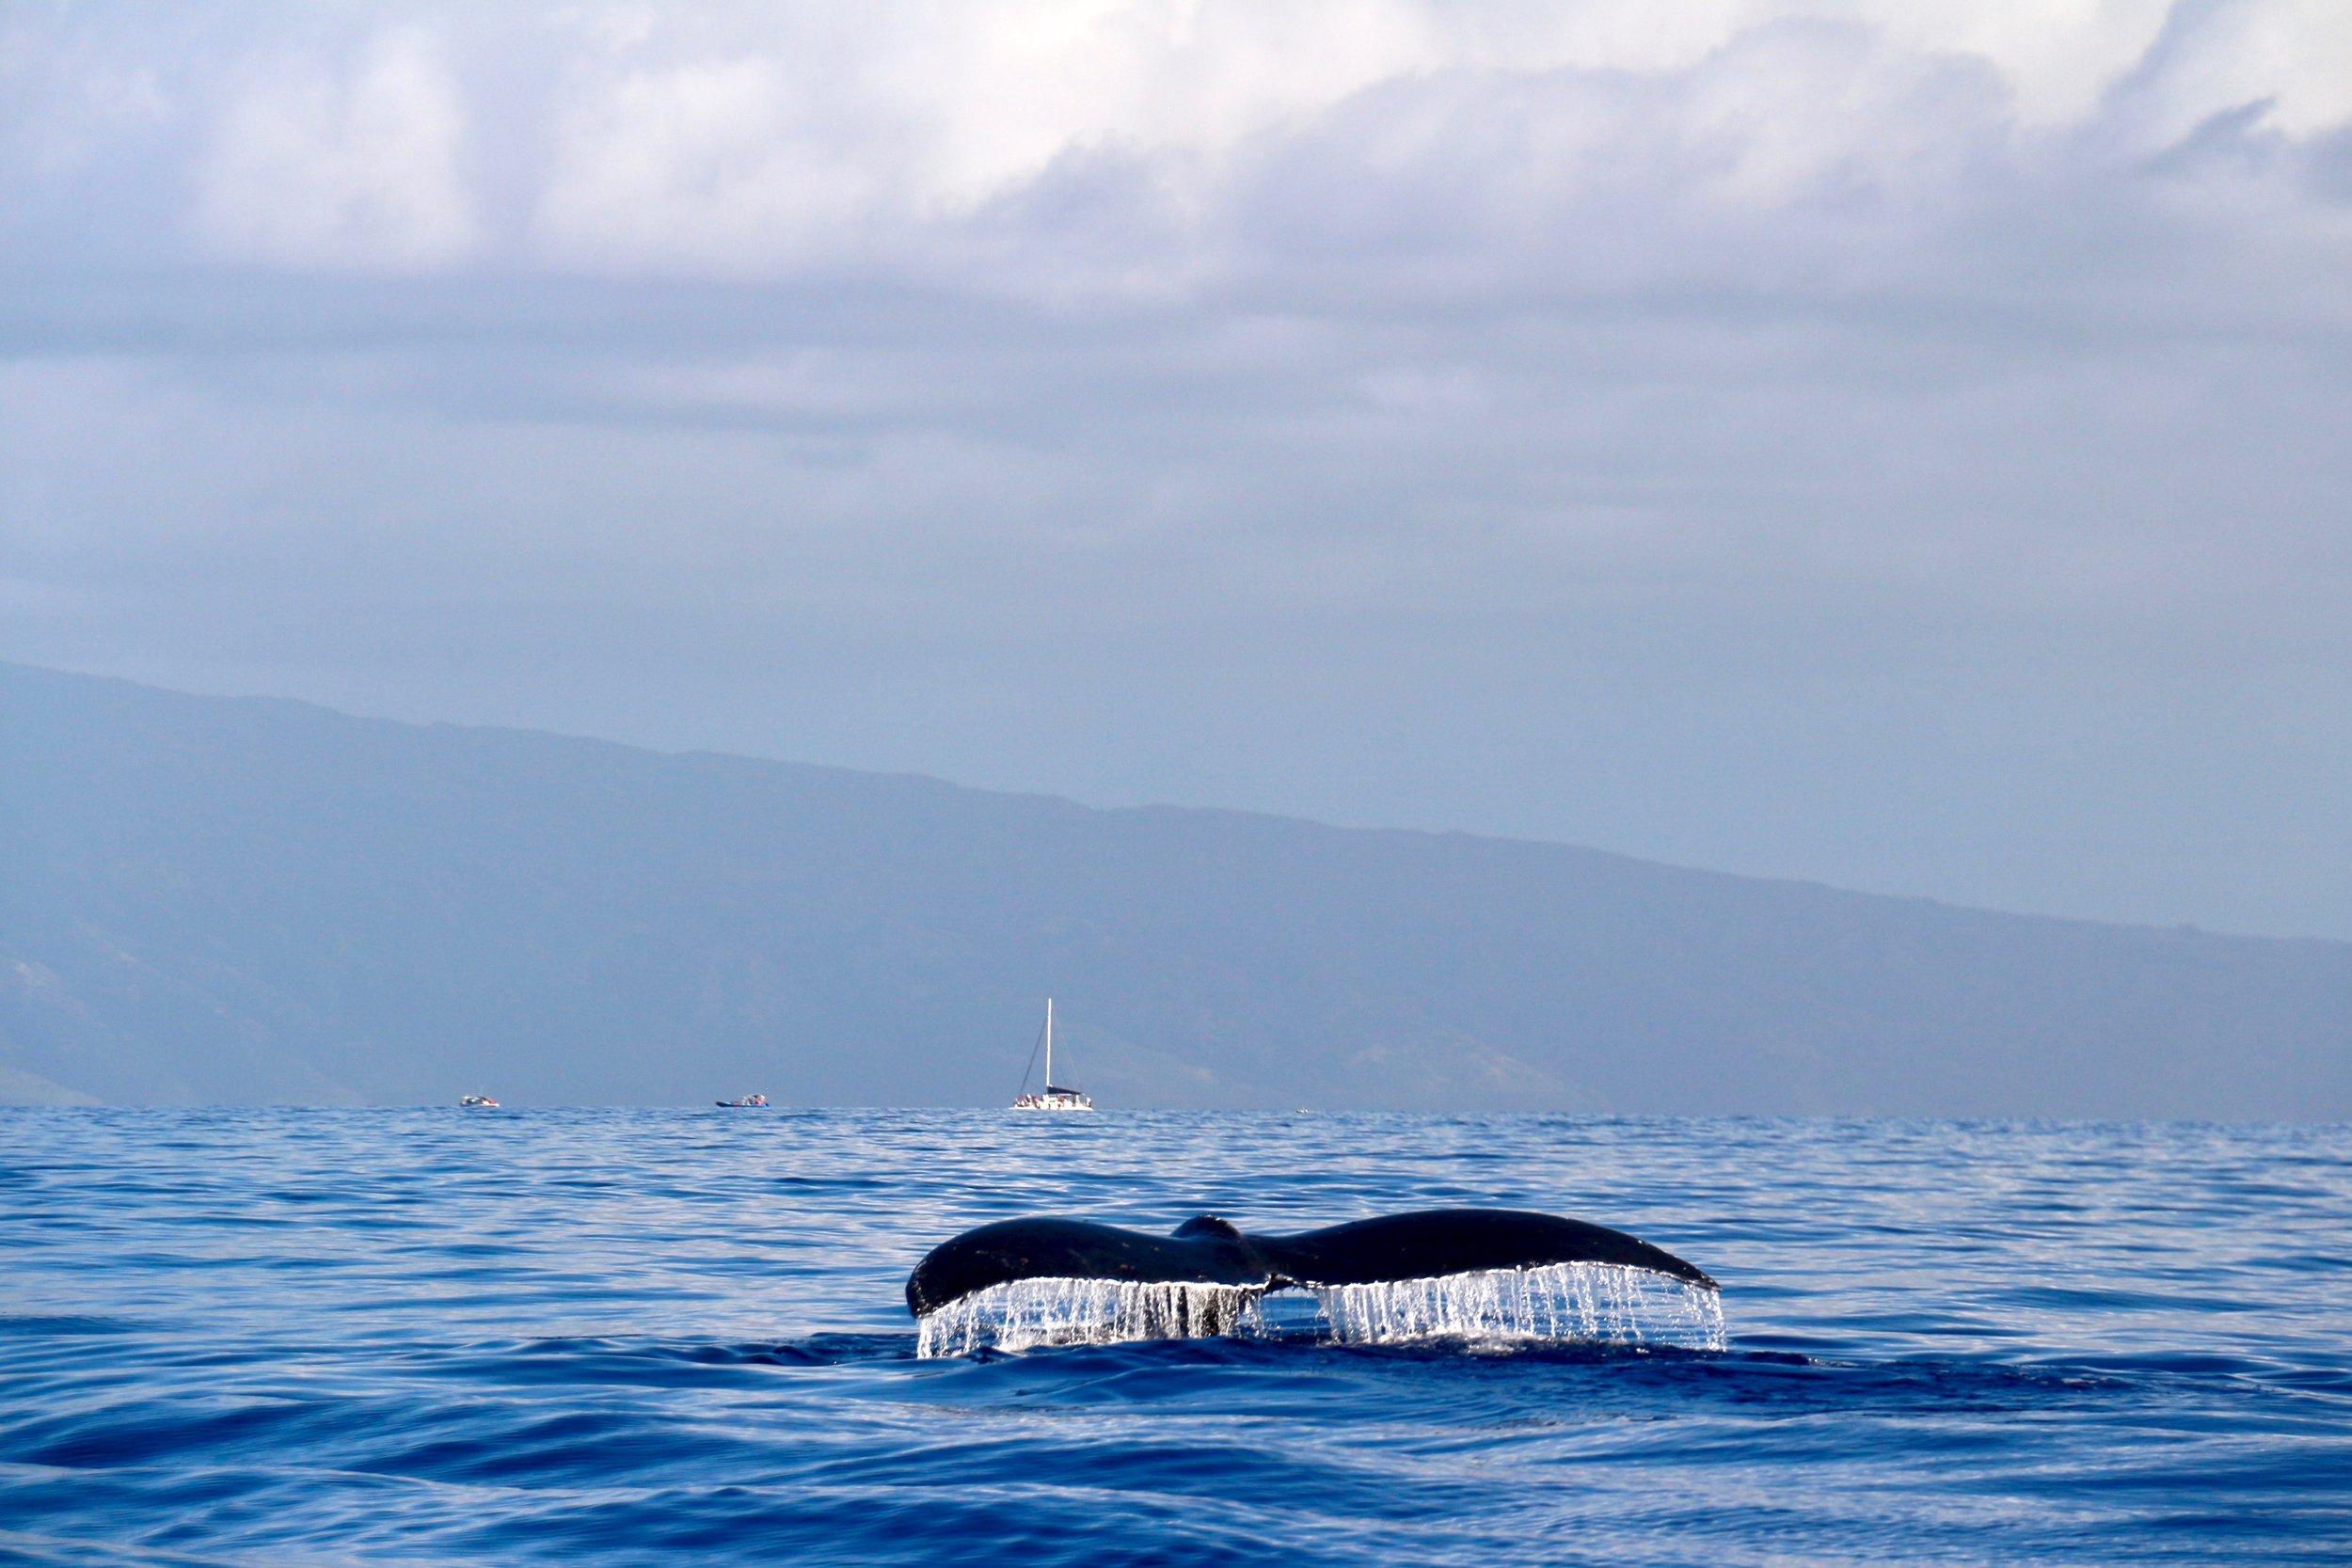 Blue_Soul_Maui_Outrigger_Canoe_Whale_Watch_6.jpg